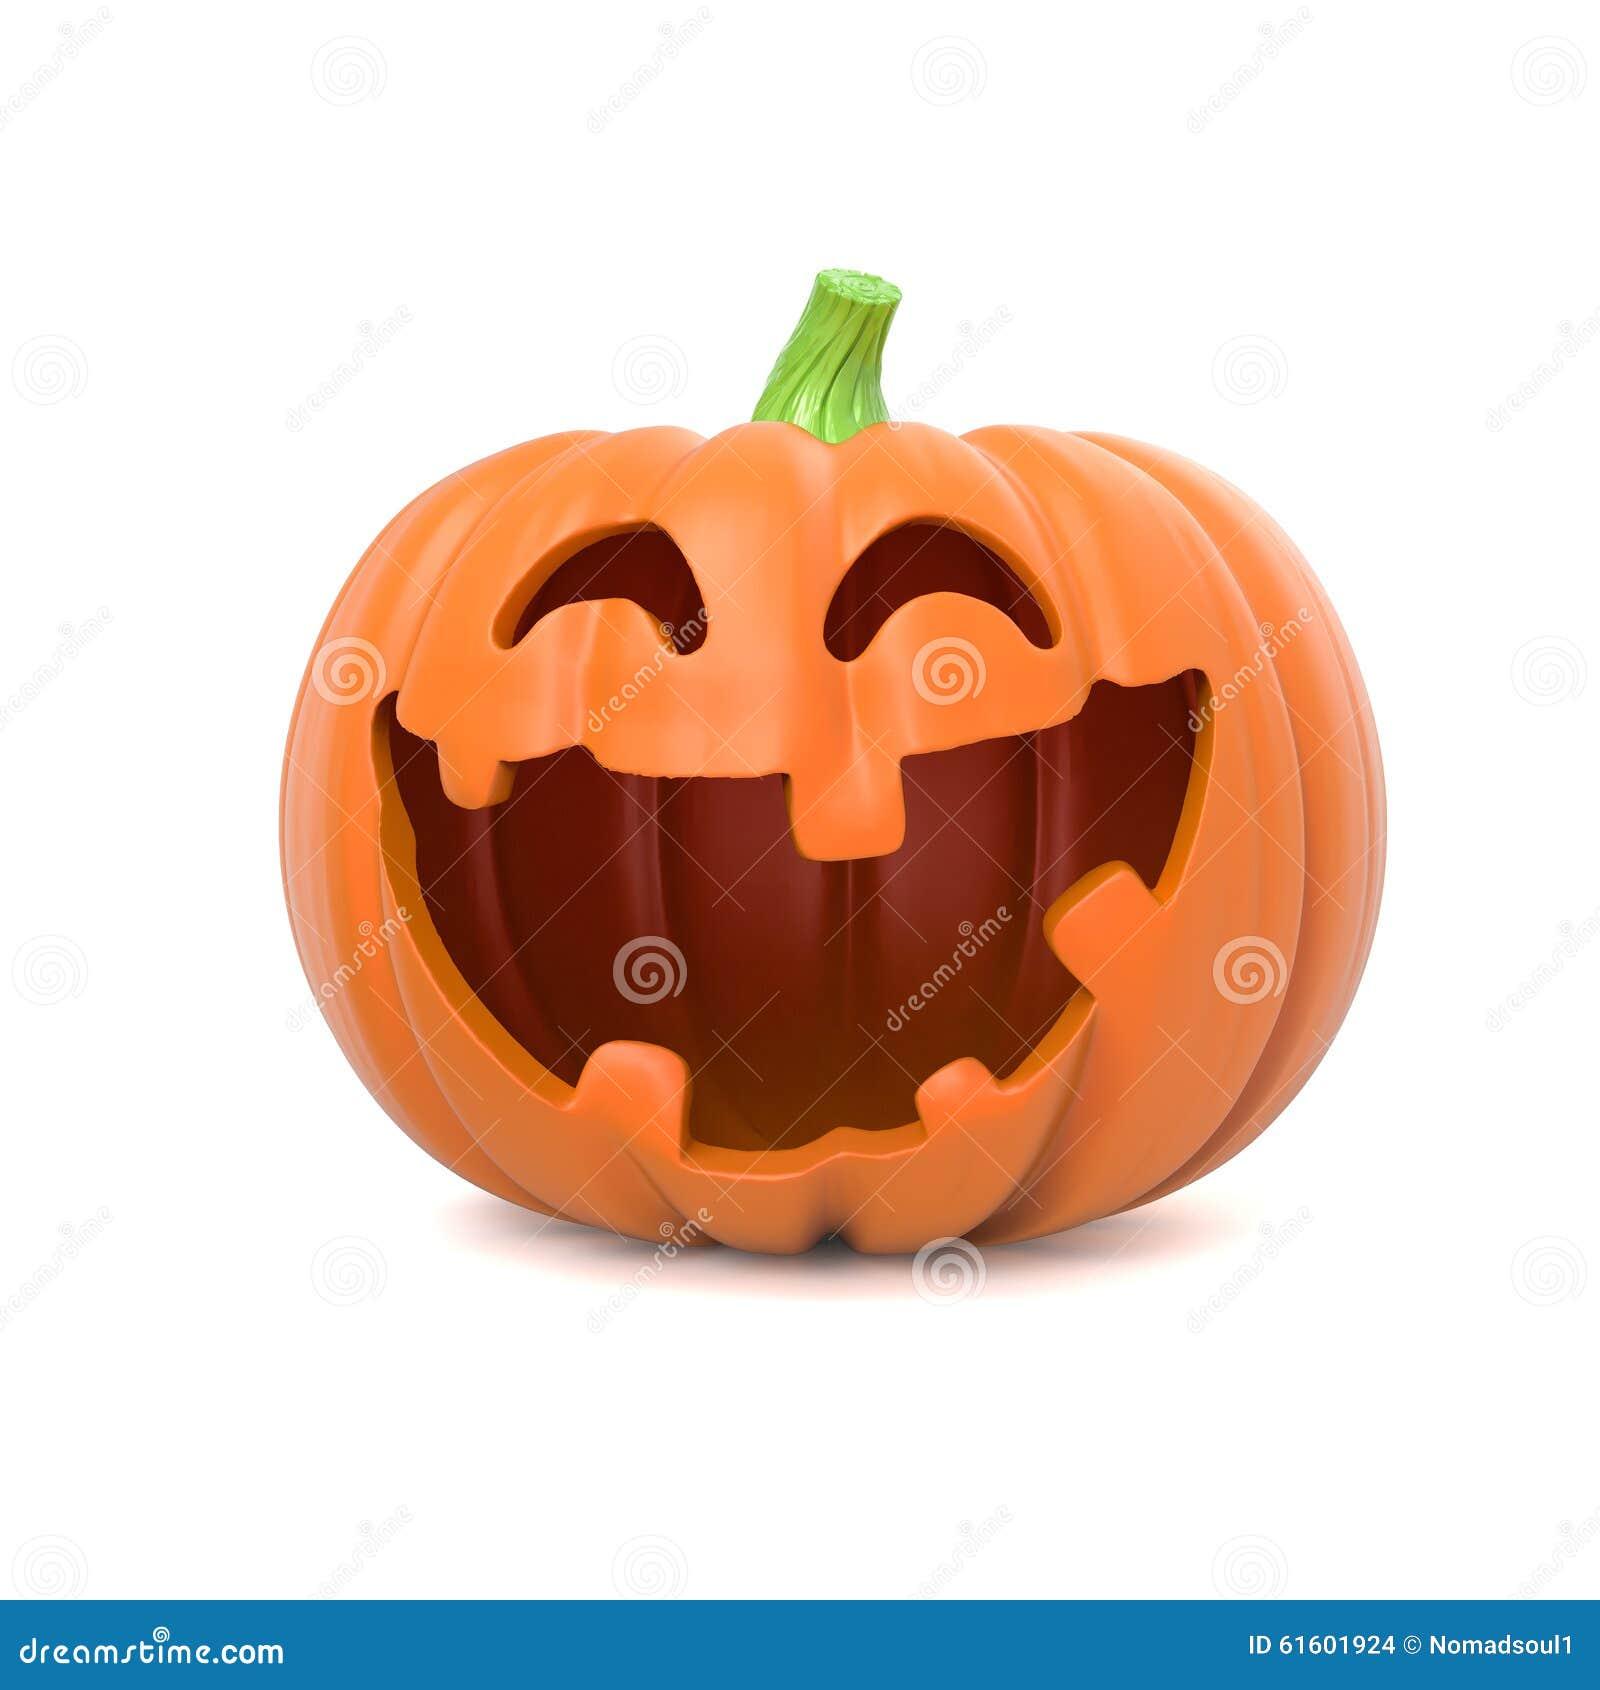 pumpkin plan your business